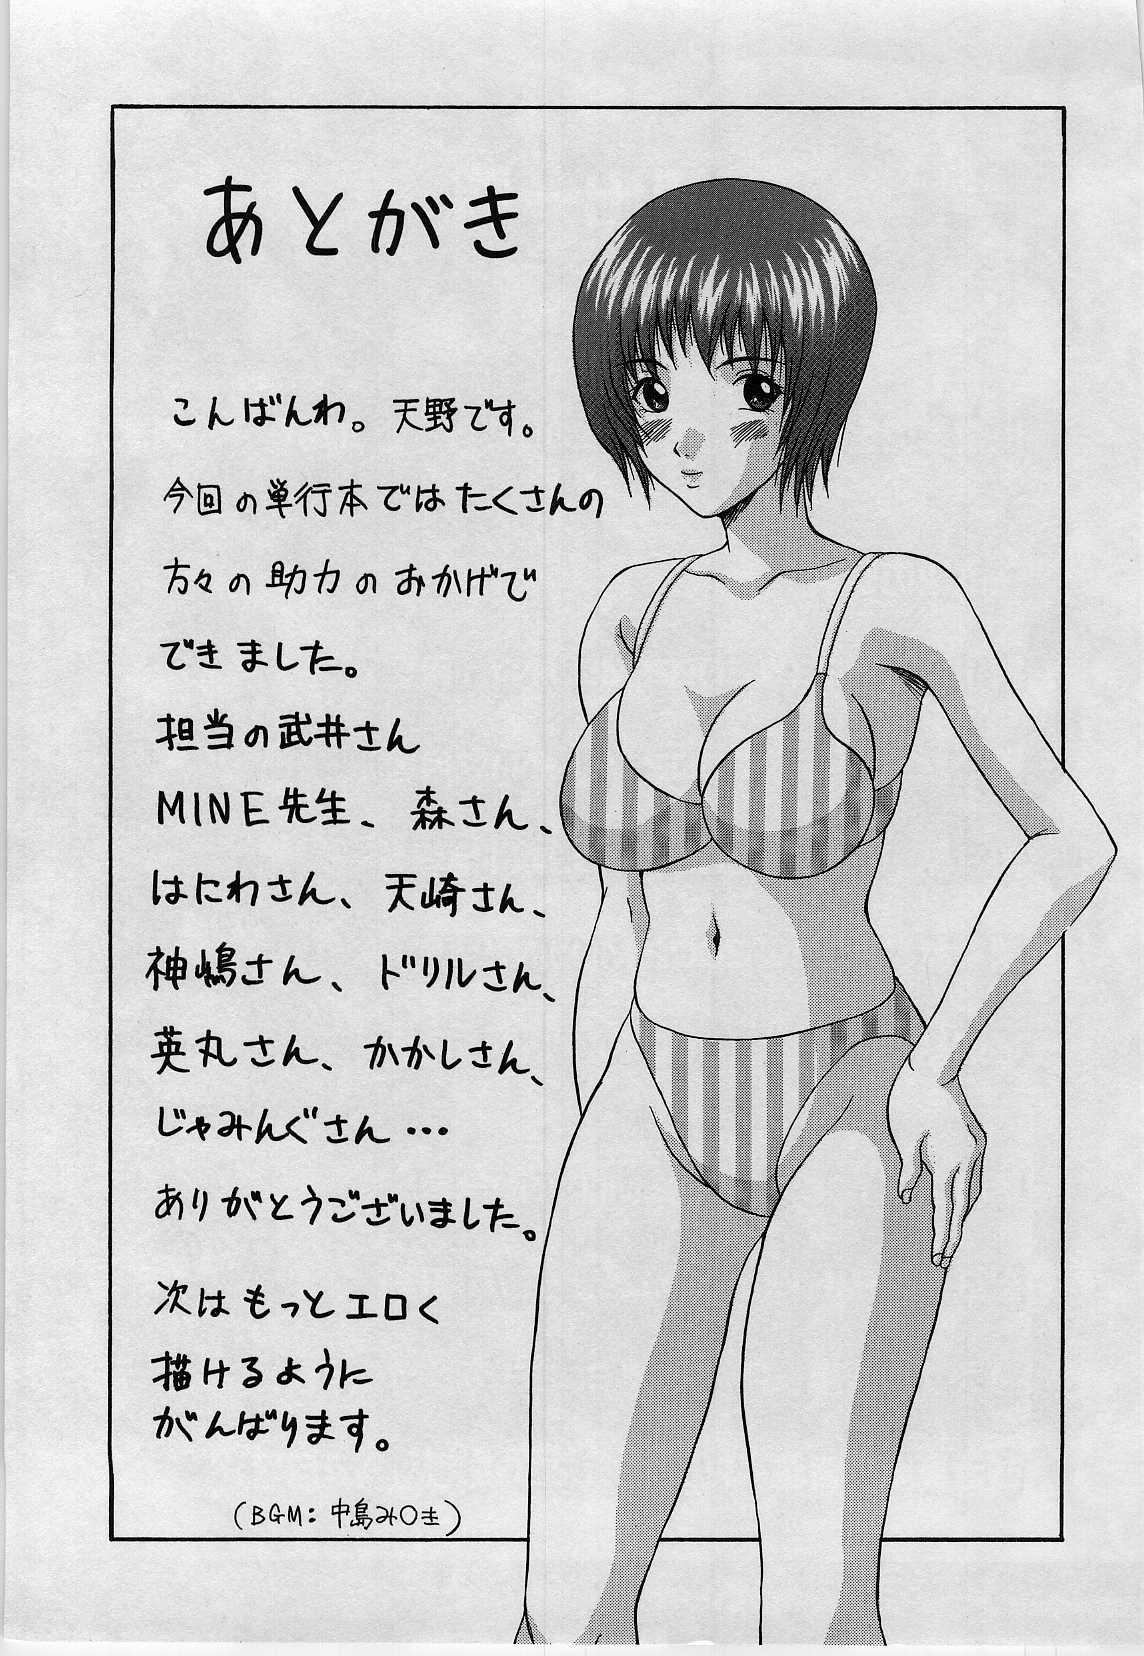 Yokubou no Hako - The Box of the Desire 190